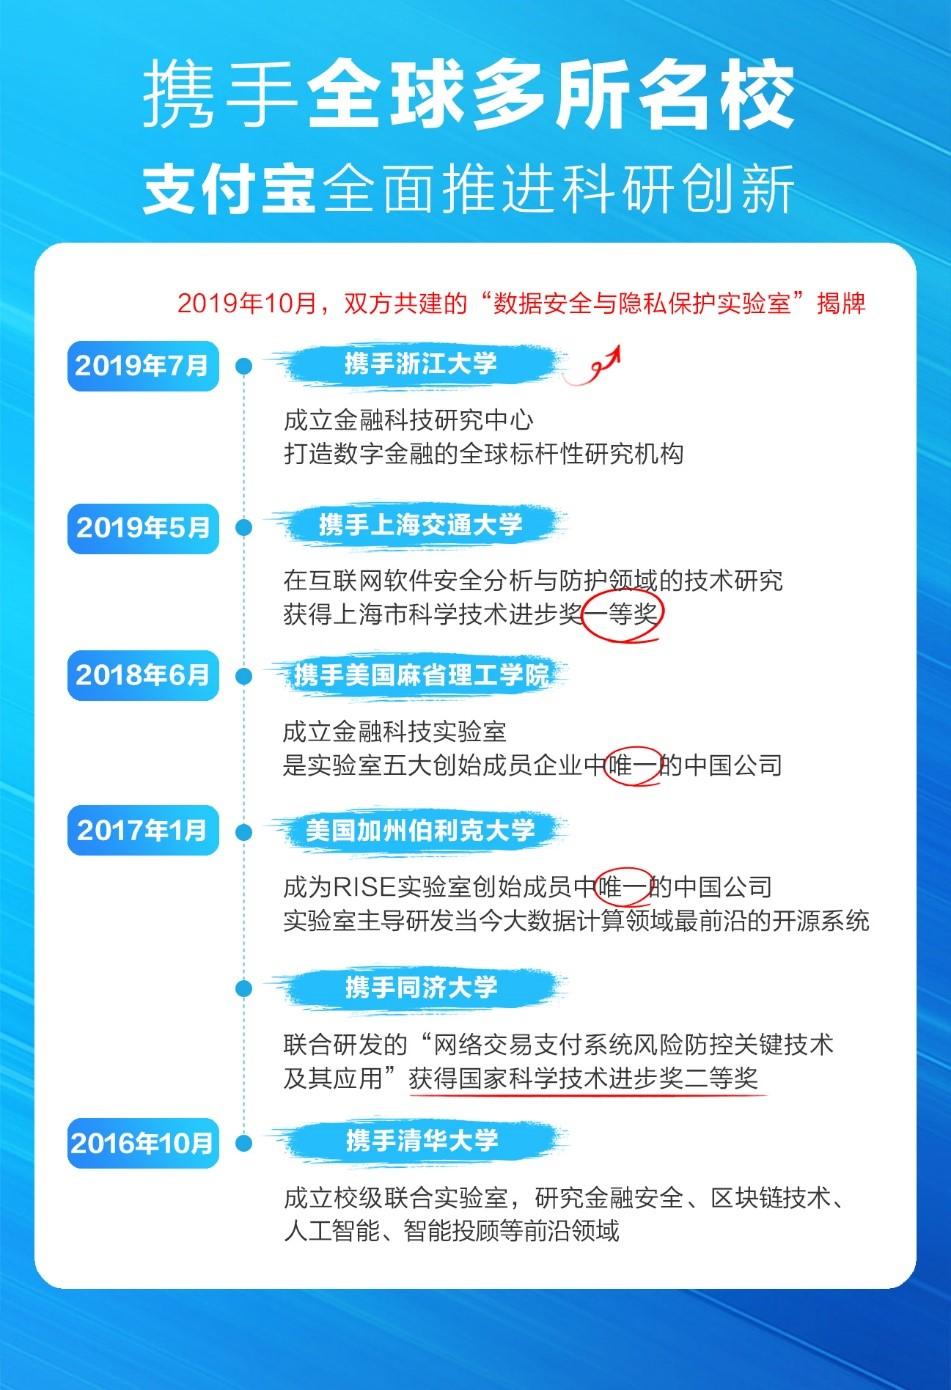 蚂蚁金服牵手浙江大学,共建数据安全与隐私保护实验室